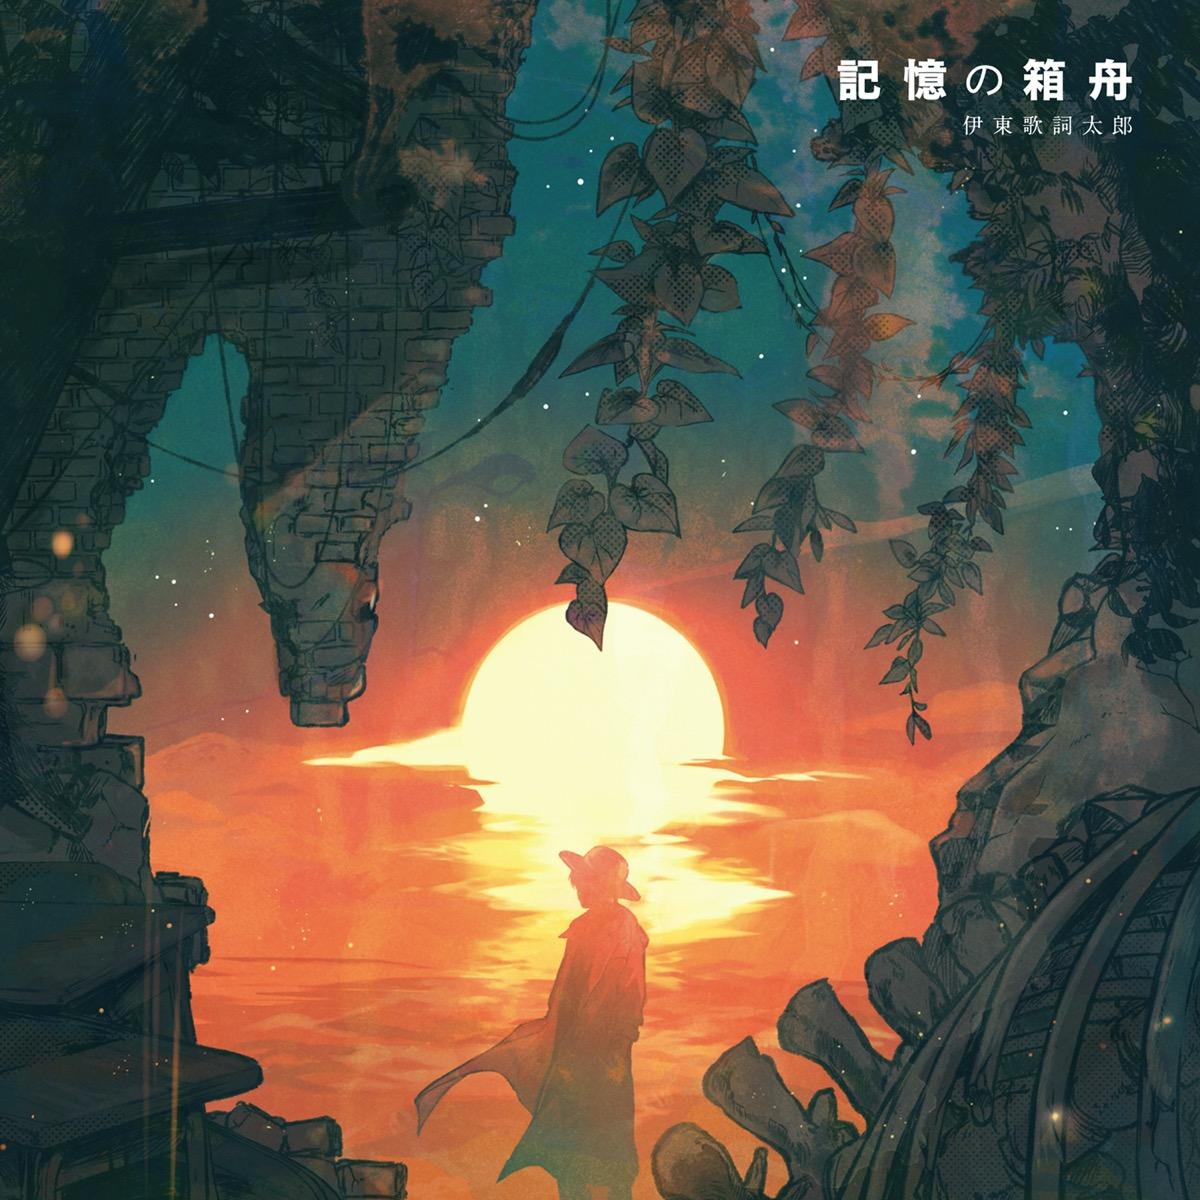 『伊東歌詞太郎 - TOKYO-STATION 歌詞』収録の『記憶の箱舟』ジャケット